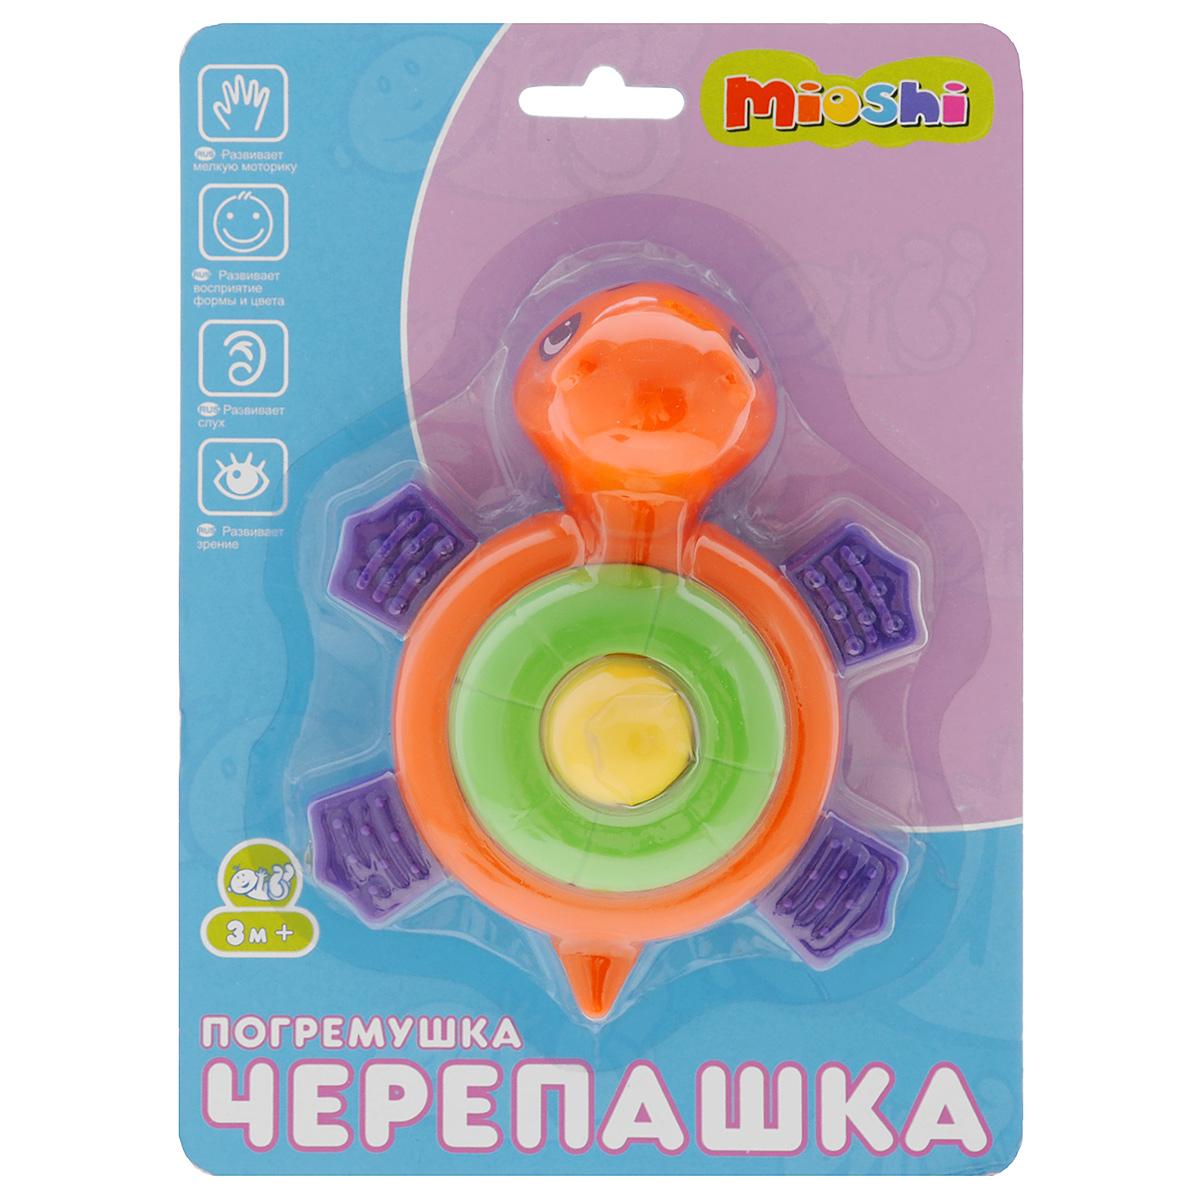 Развивающая игрушка-погремушка Mioshi Черепашка черепашка нажимай и догоняй